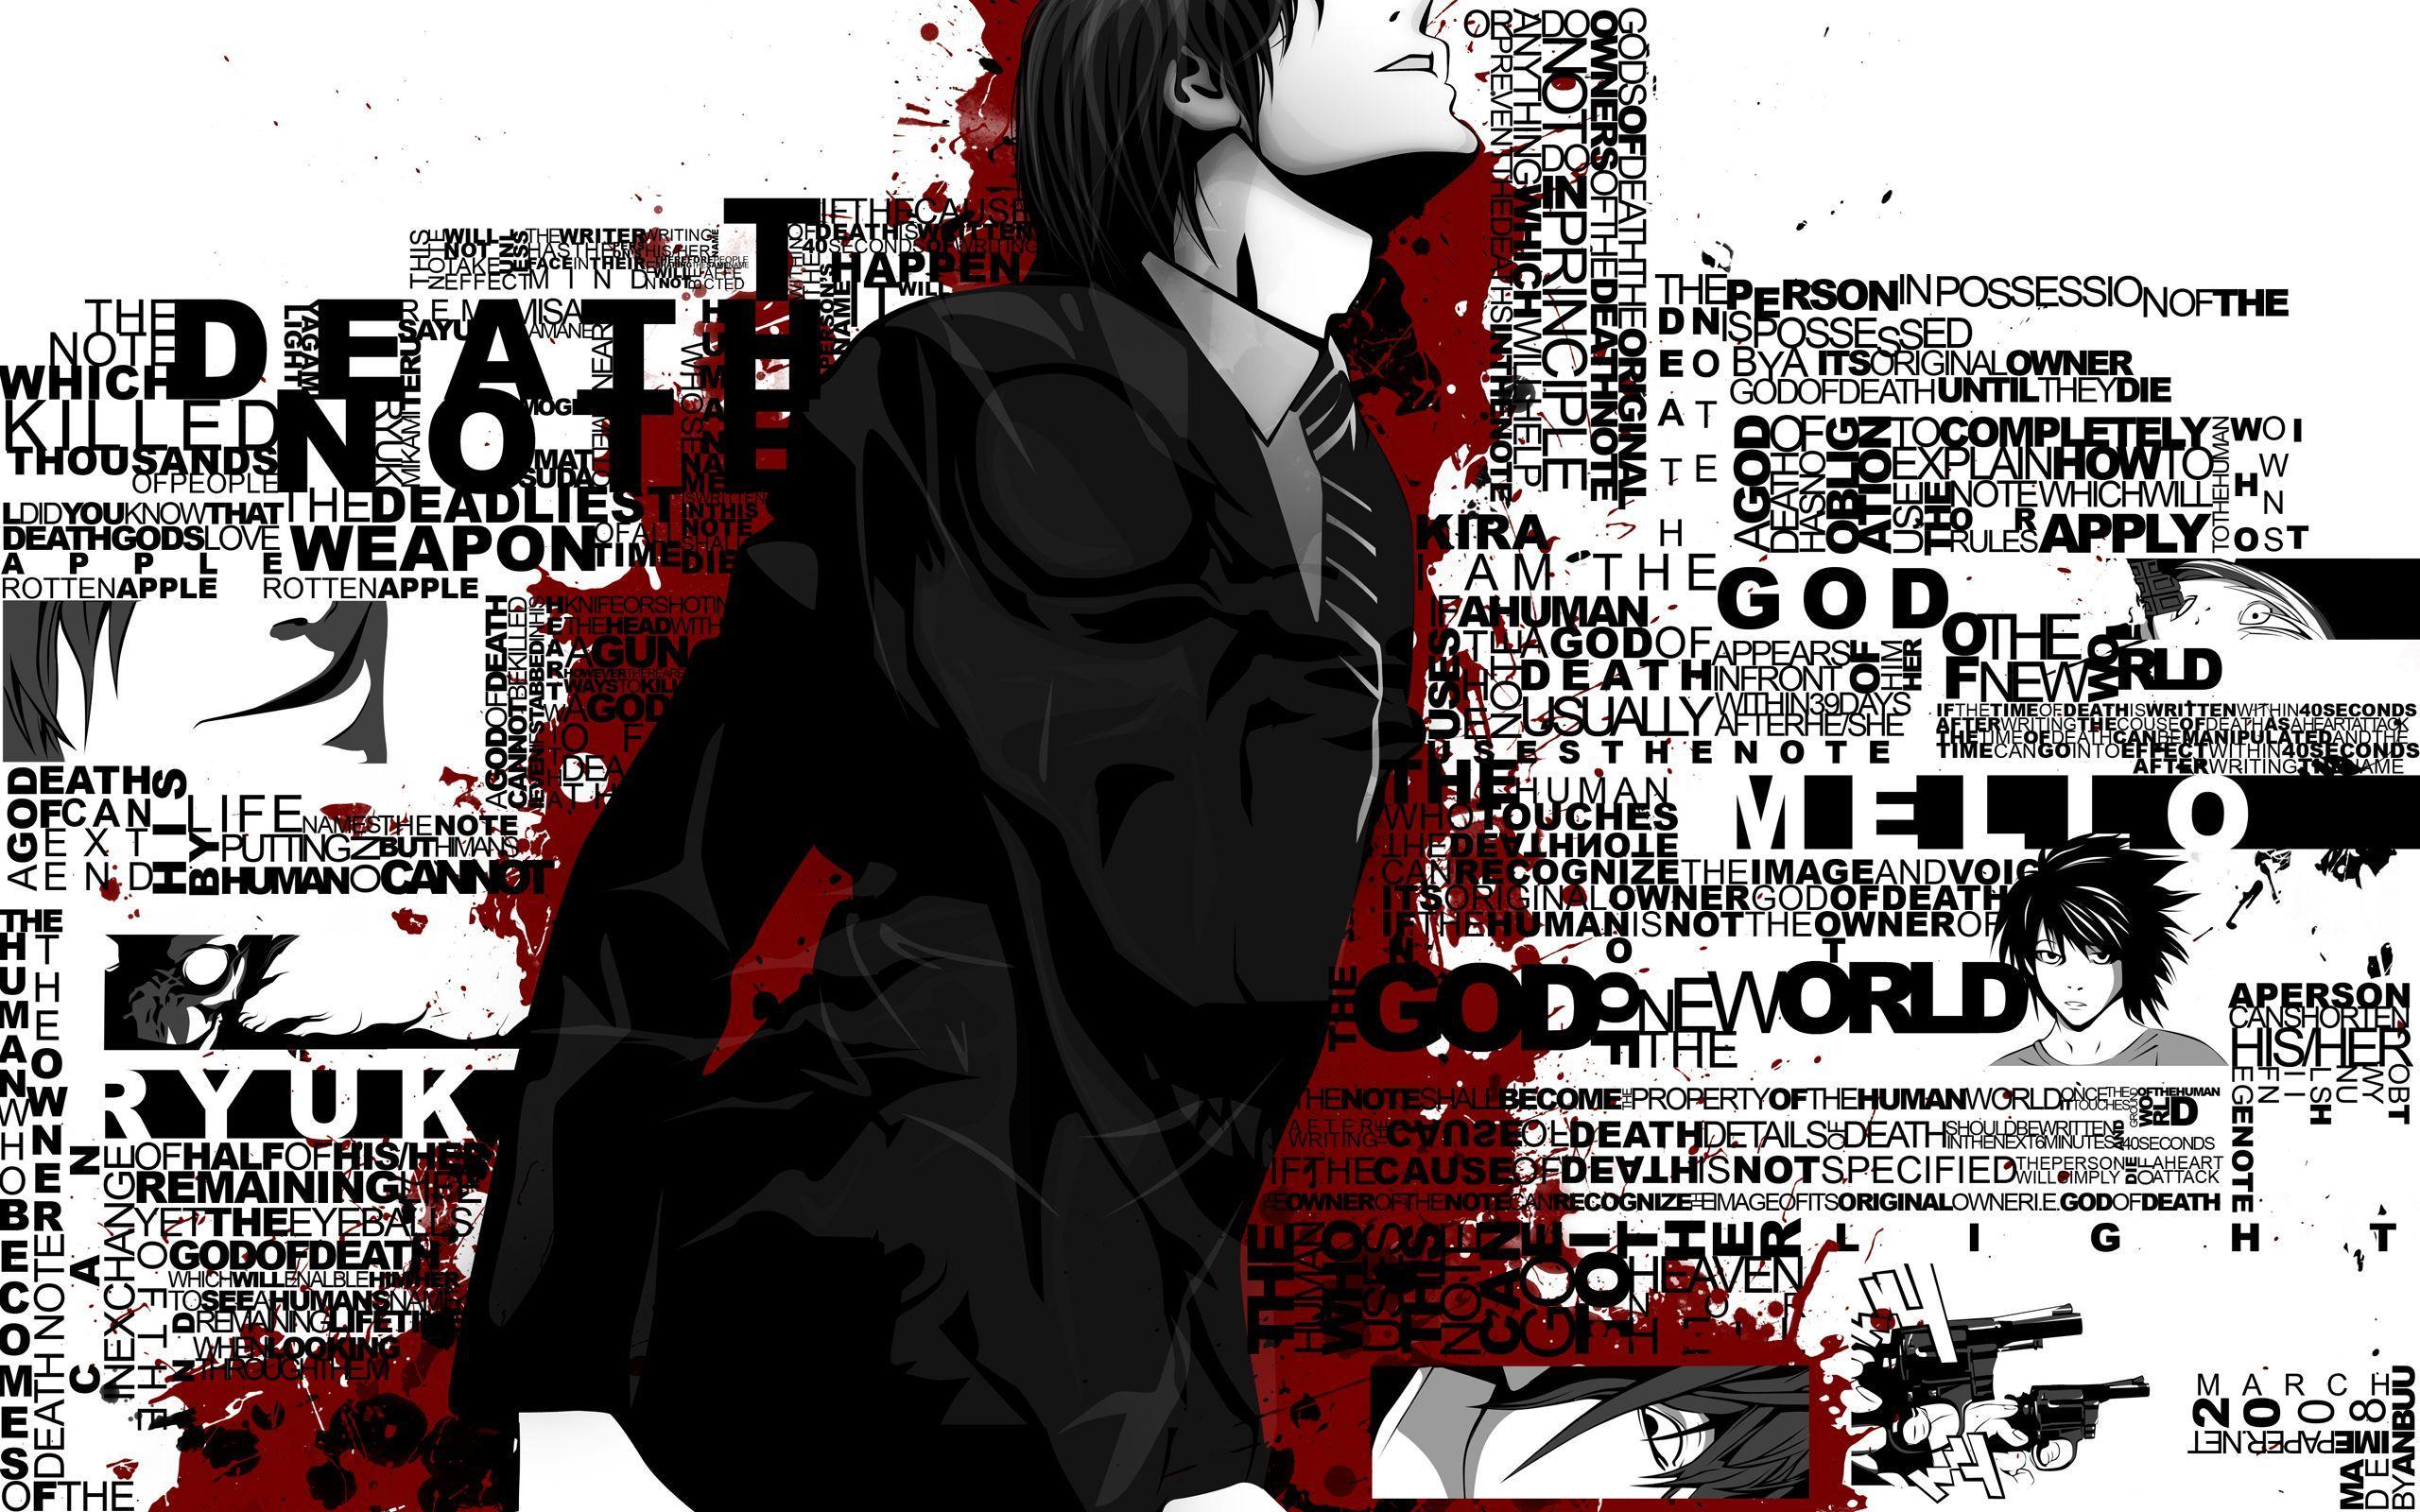 2560x1600 LƯU Ý CHẾT - Obata Takeshi - Hình nền HD - Anime Zerochan